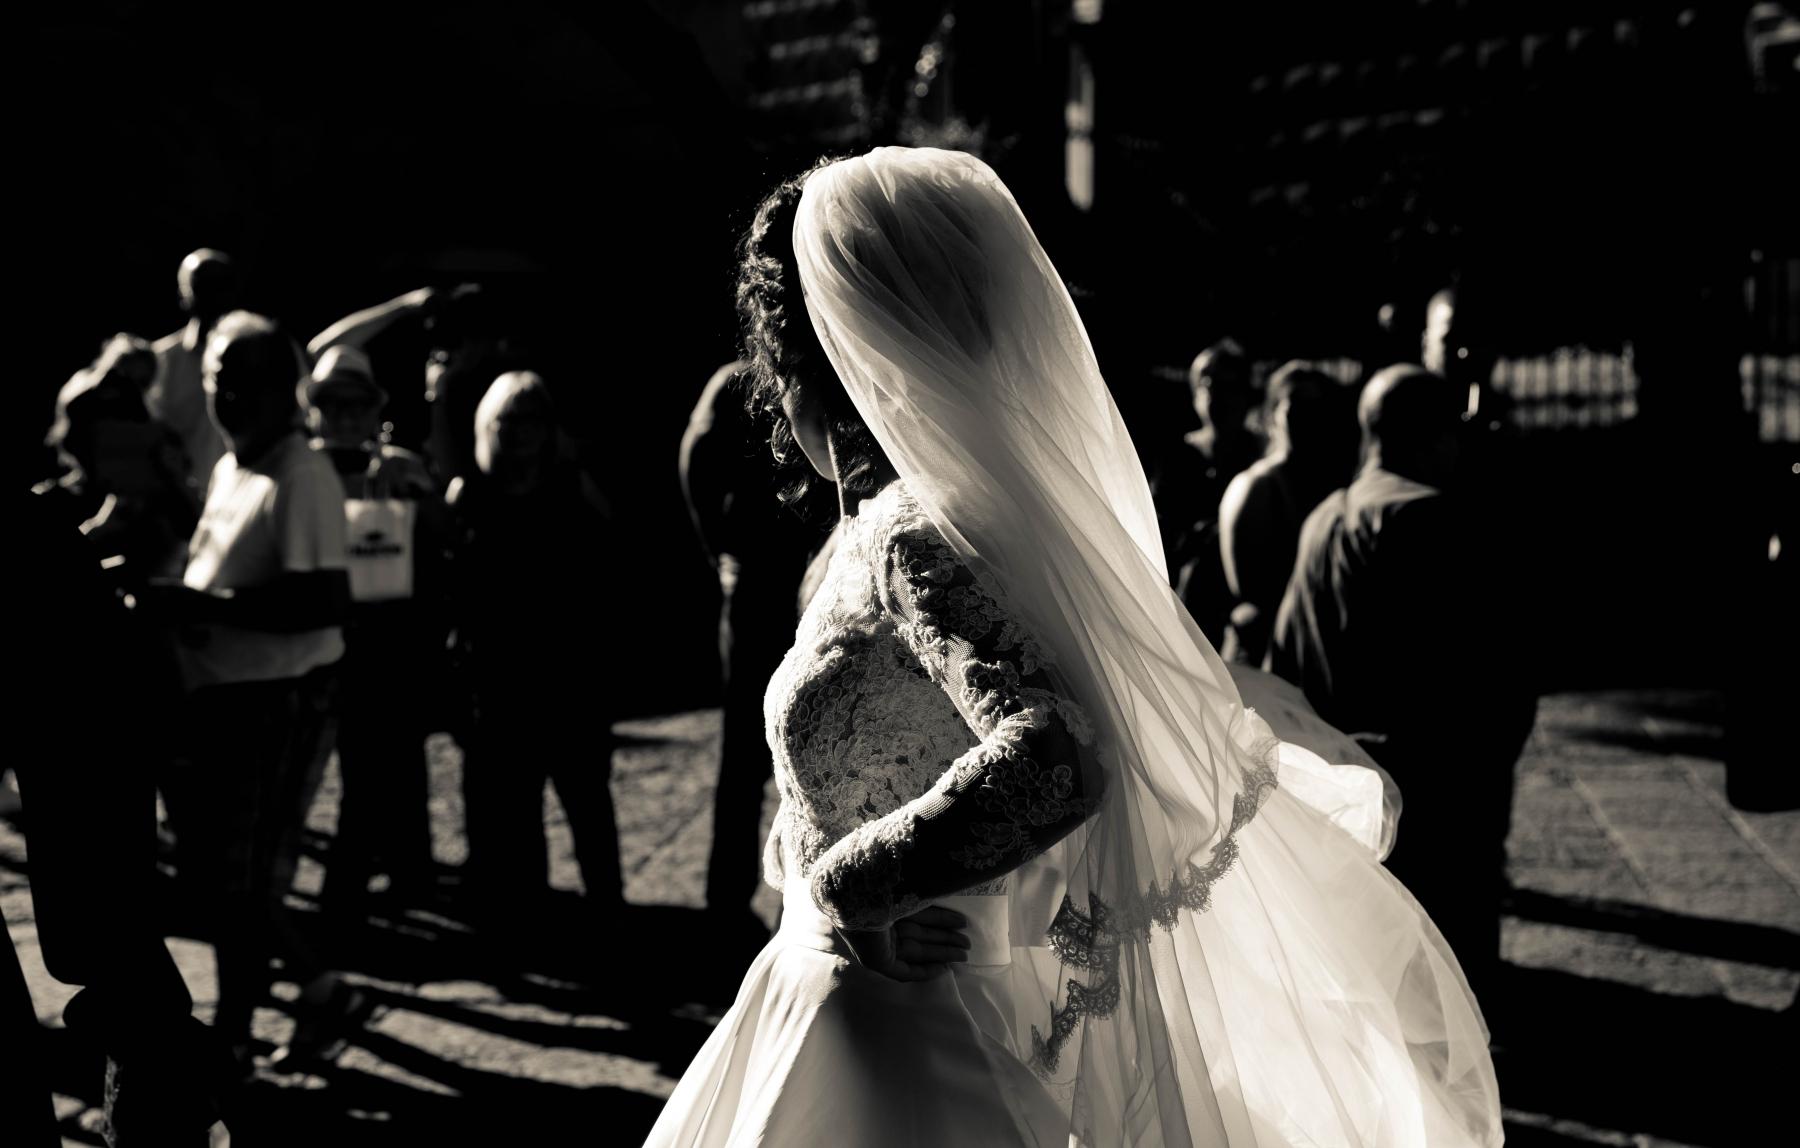 matrimonio_villaavellino_napoli_sudritorante_blineventi-7